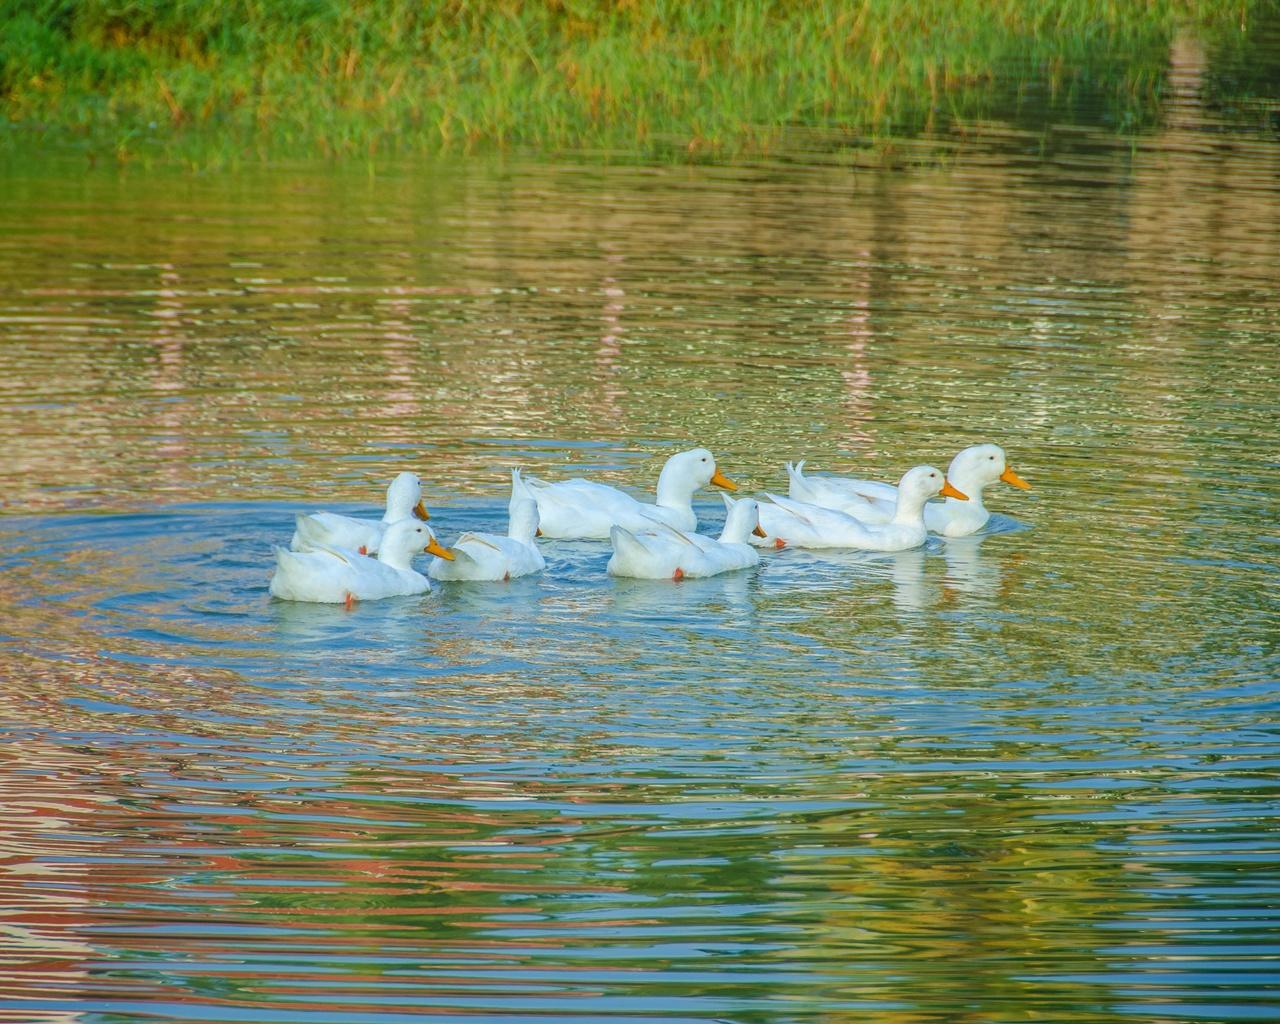 утки, пруд, рябь, лето